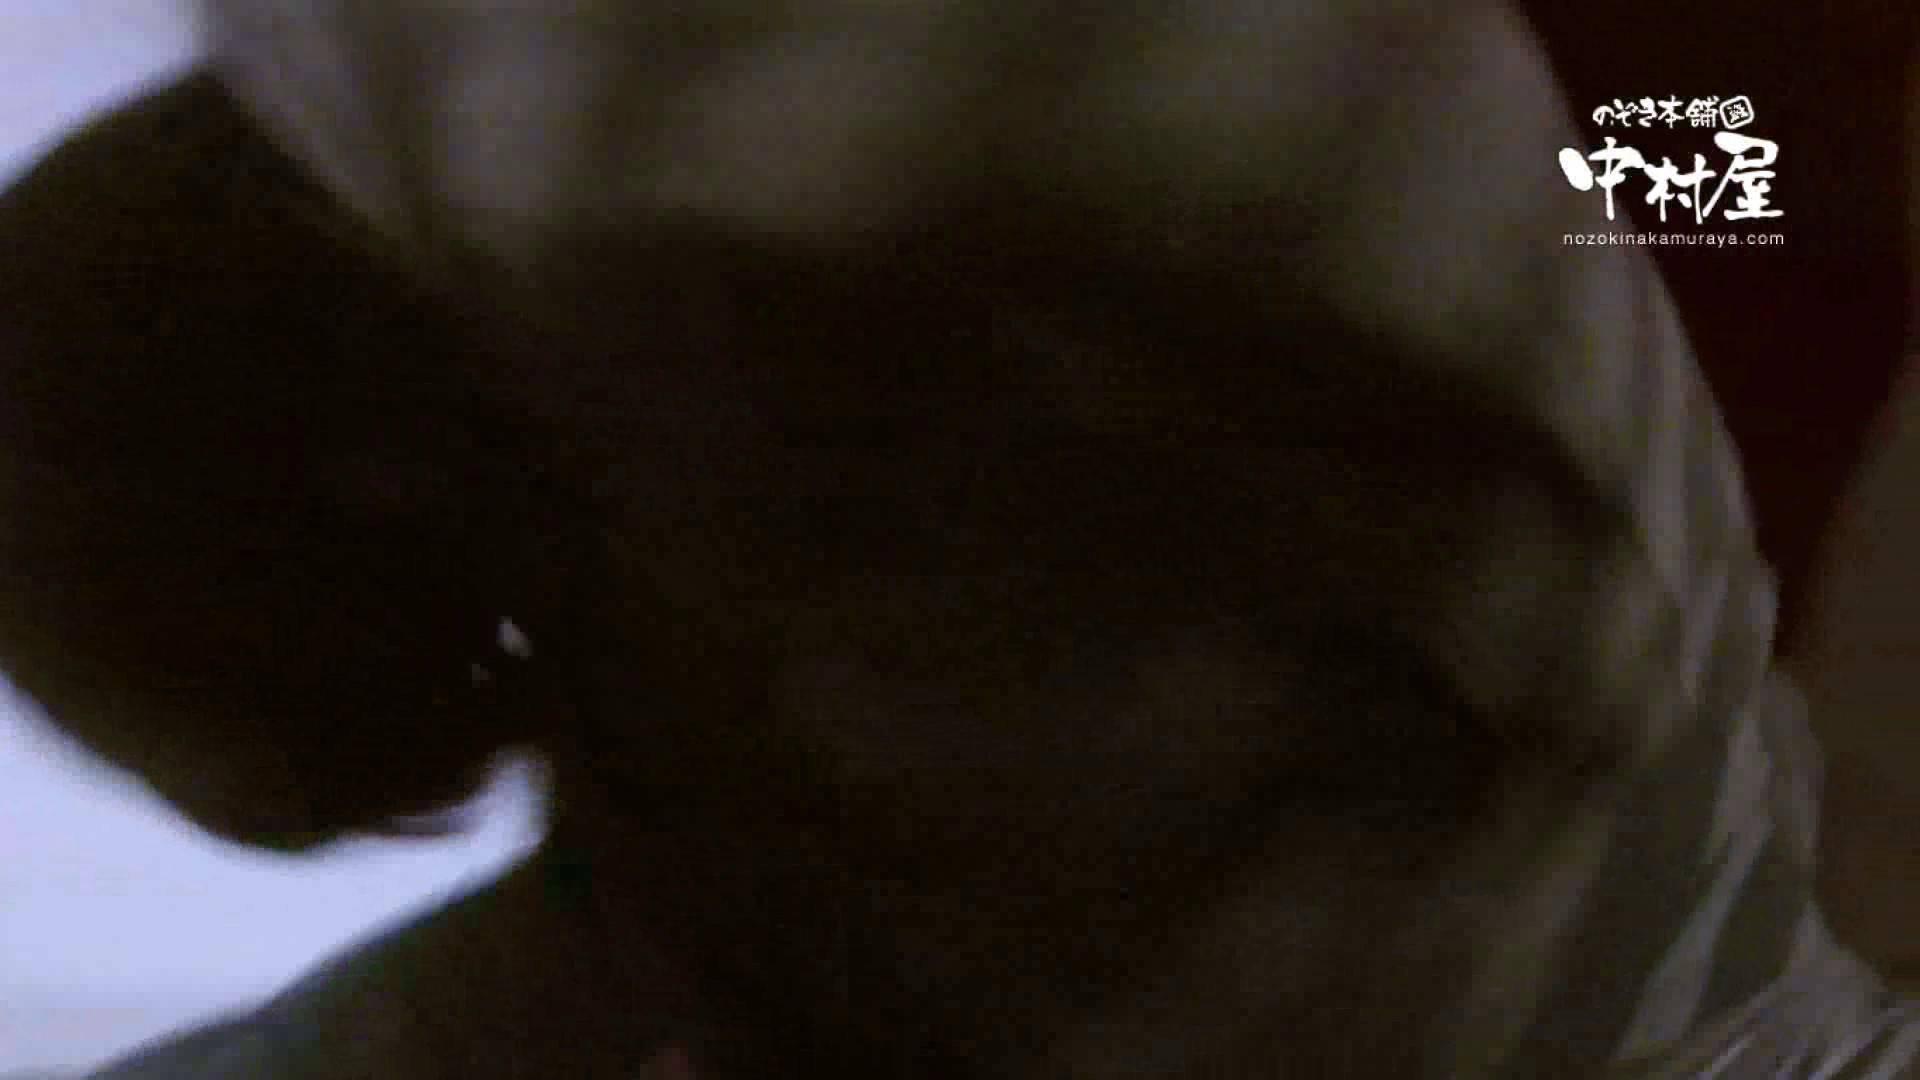 鬼畜 vol.05 誰にも言うなよ! はぃ… 前編 エッチなセックス おまんこ動画流出 55画像 5